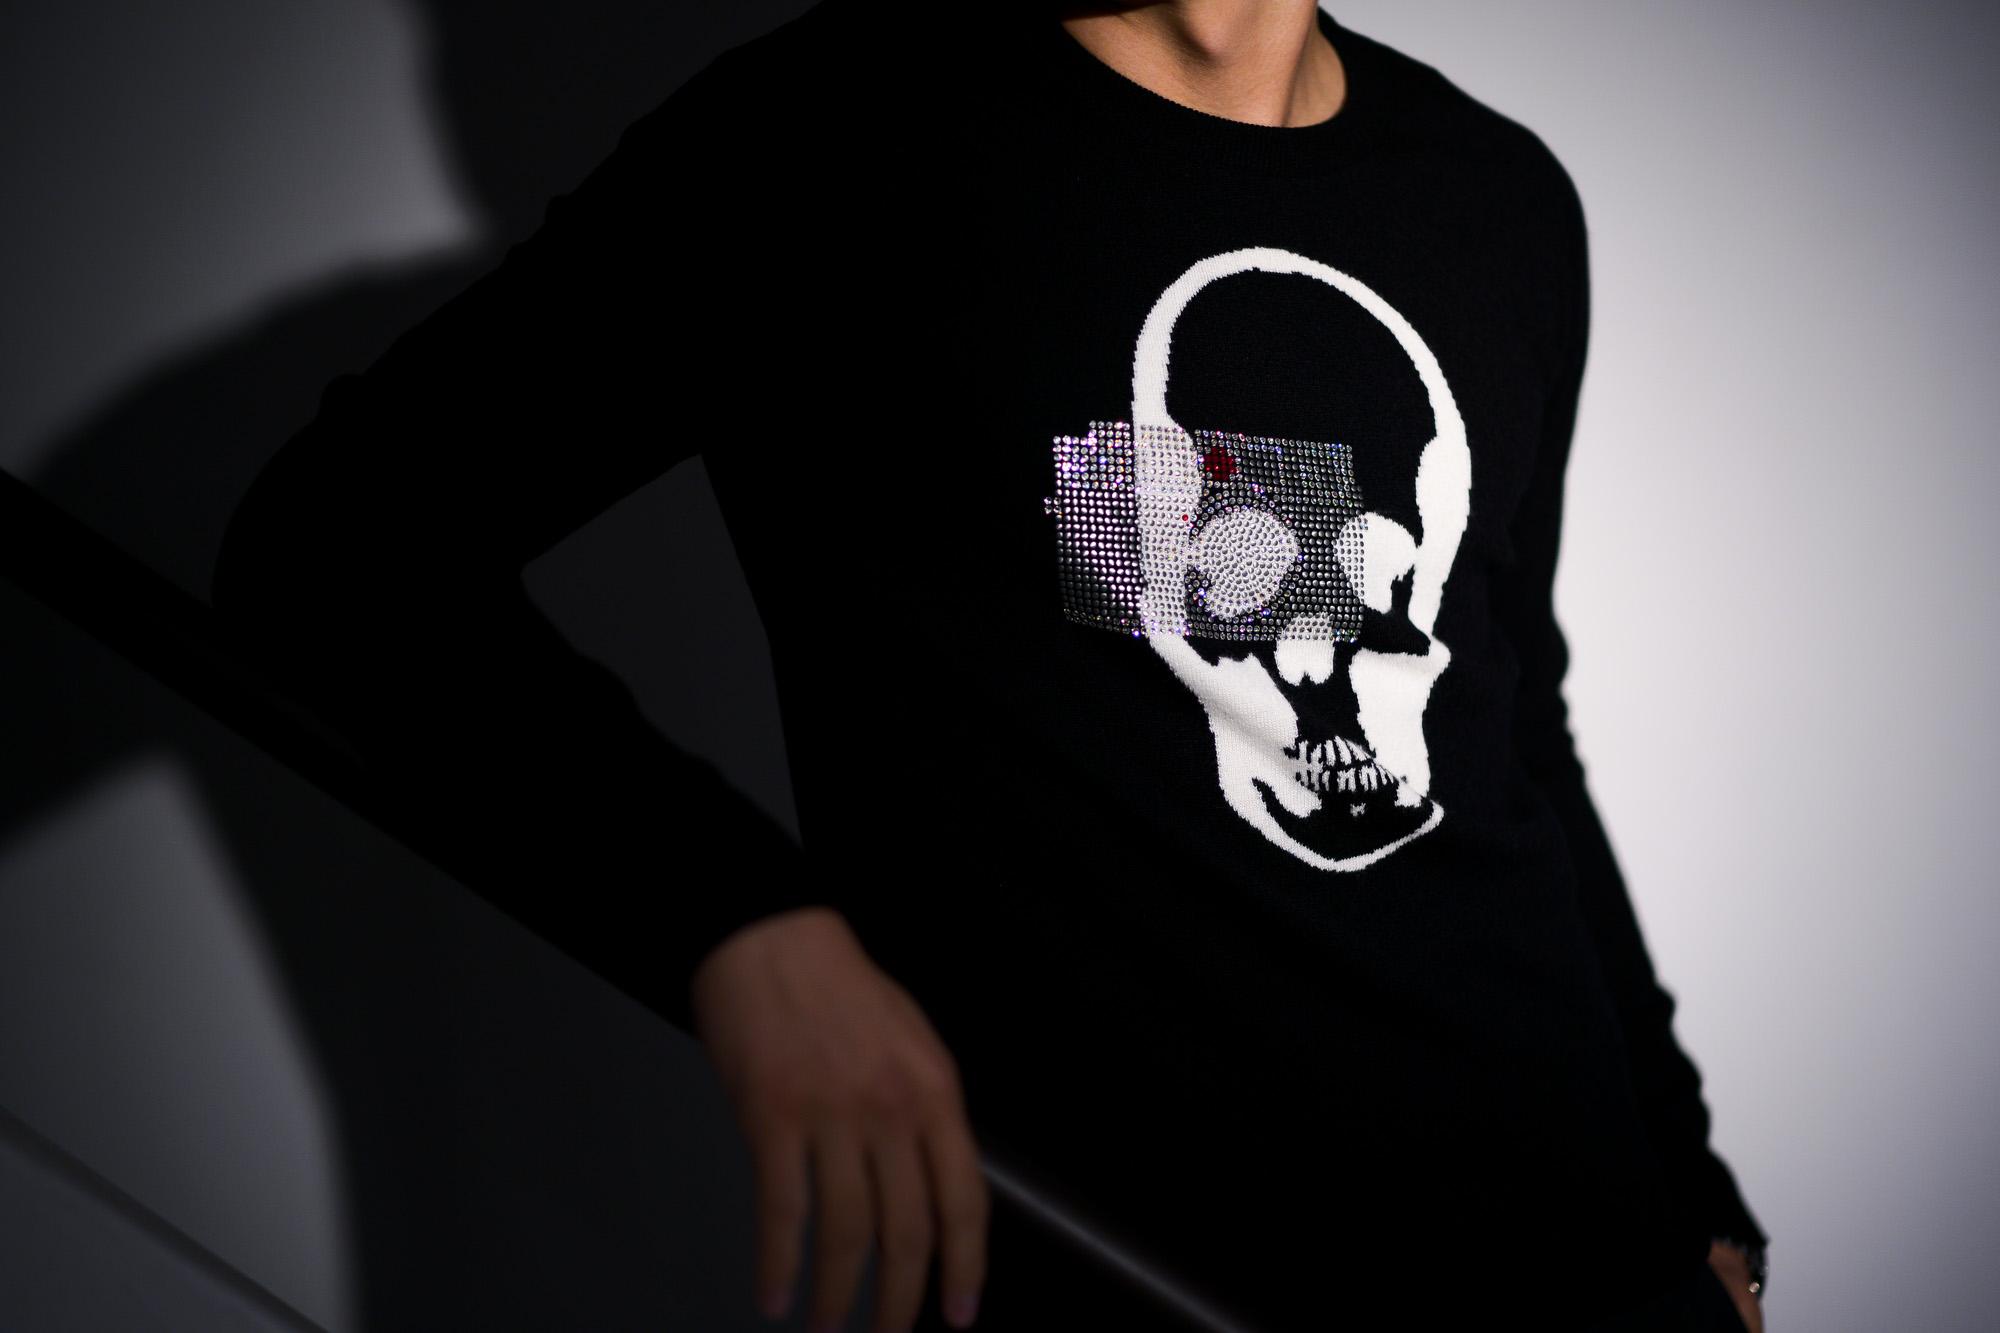 lucien pellat-finet(ルシアン ペラフィネ) Skull Camera Cashmere Sweater (スカル カメラ カシミア セーター) インターシャ カシミア スカル セーター BLACK × NIVEOUS (ブラック × ホワイト) made in scotland (スコットランド製) 2020 春夏新作 愛知 名古屋 altoediritto アルトエデリット